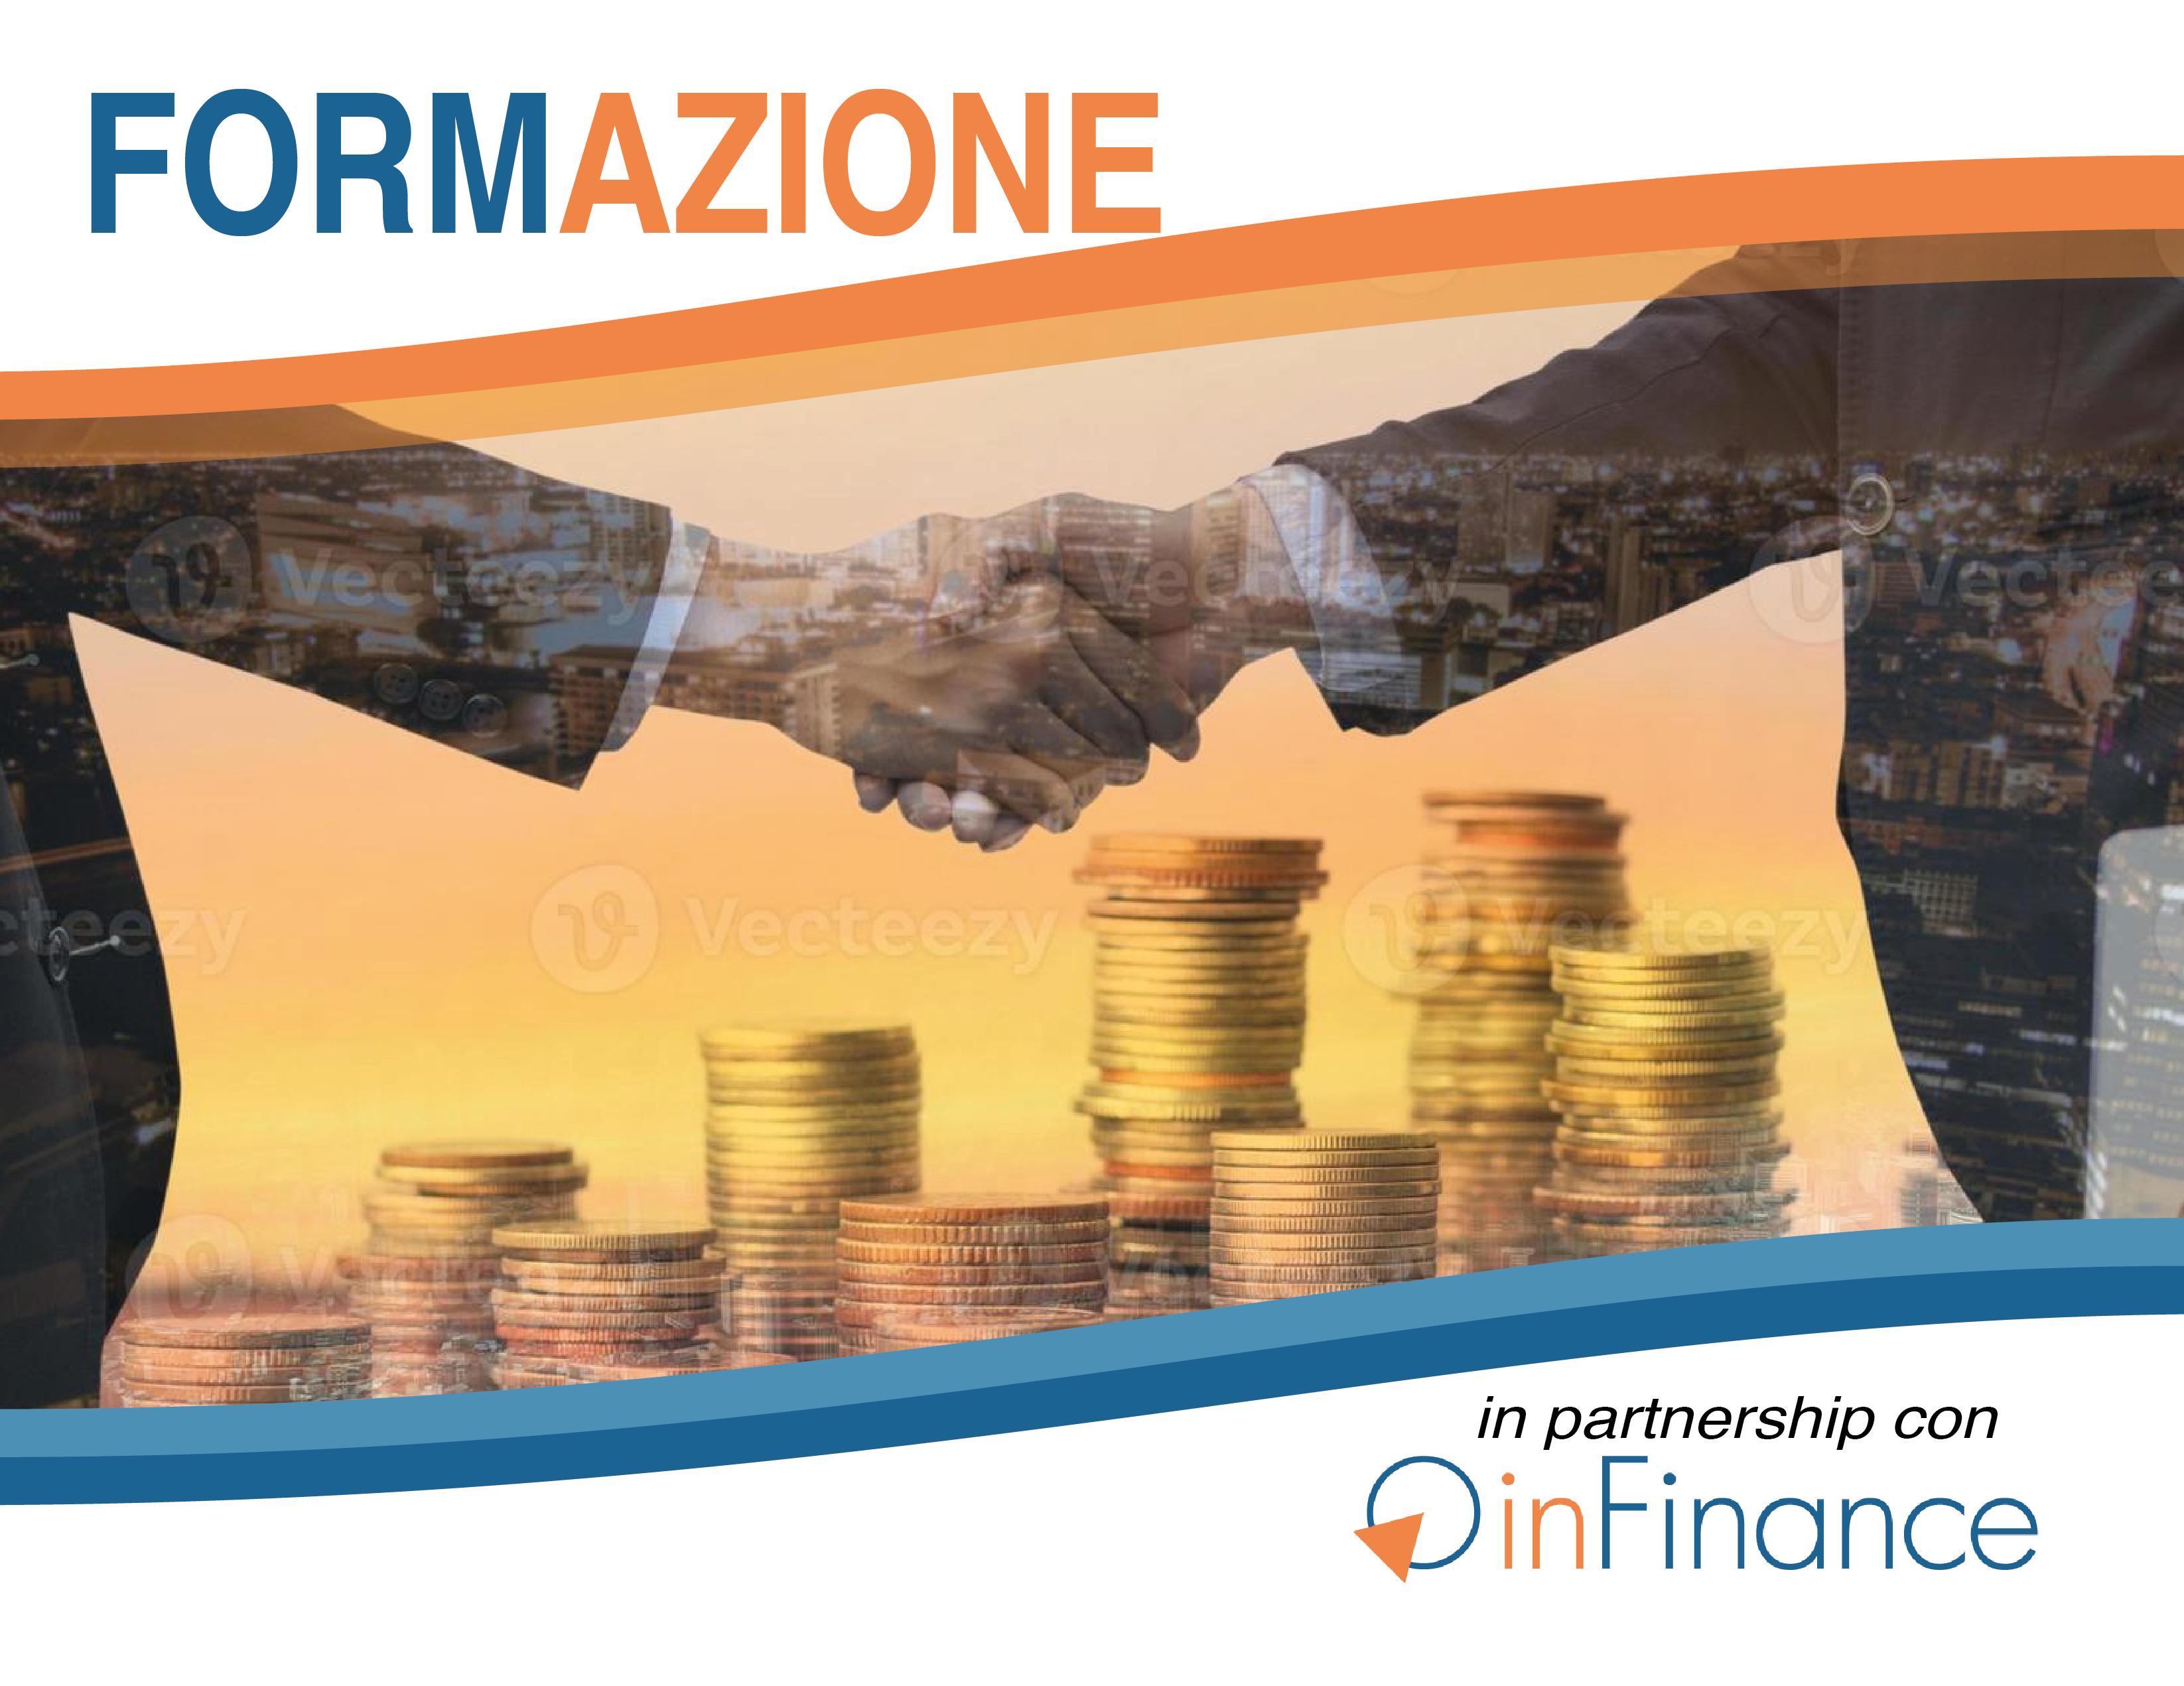 Corso inFinance in Basi di Finanza per NON-Finance Manager